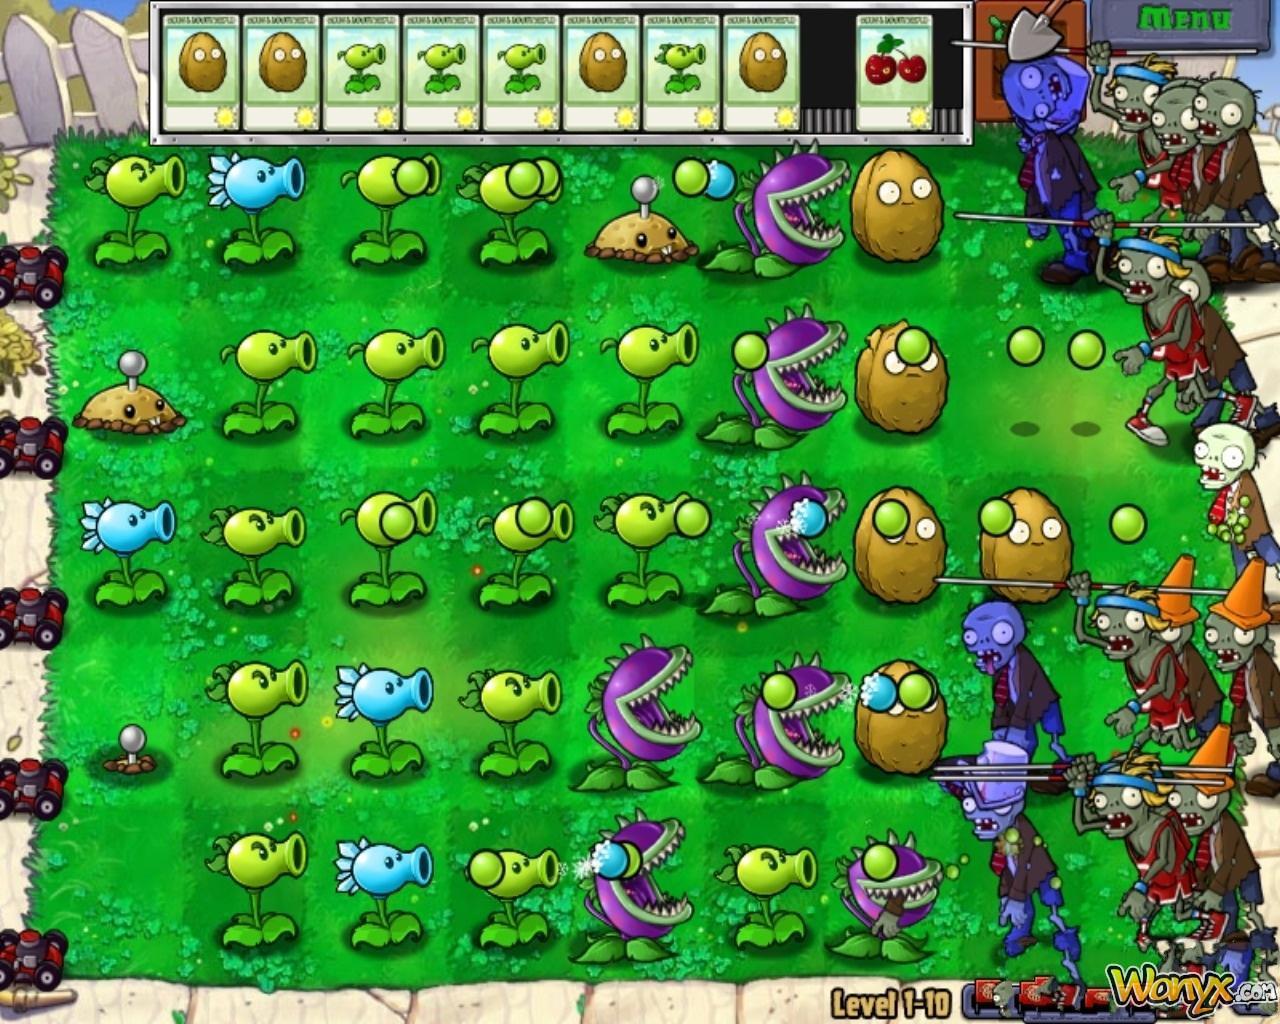 植物大战僵尸安卓版下载 2.4.0 无限钻石版